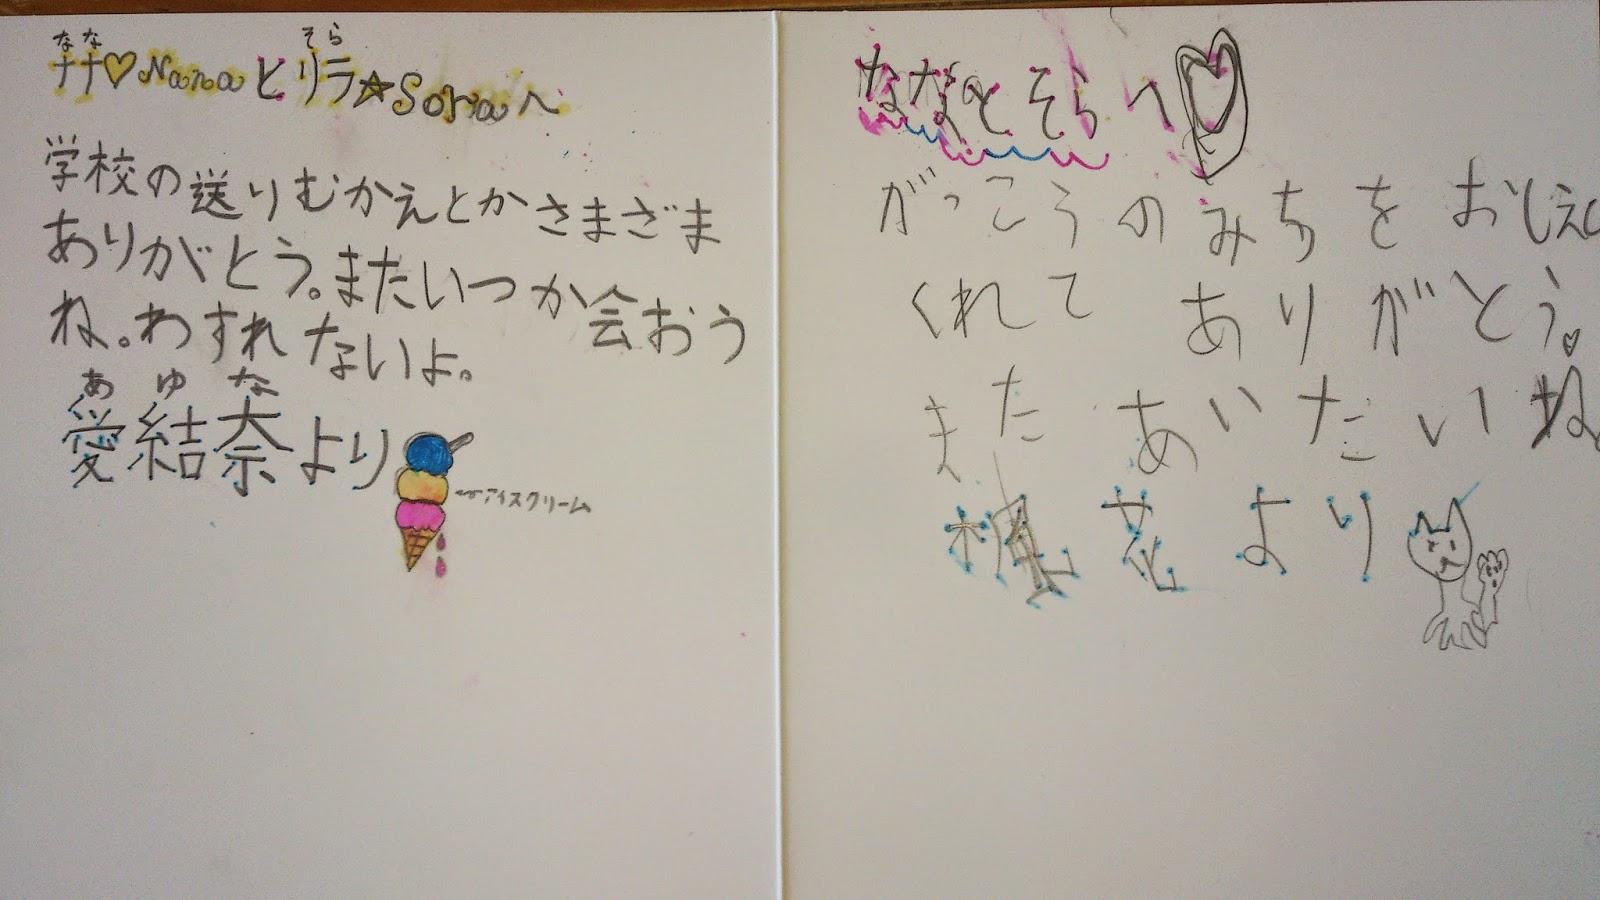 Ayunaちゃん、Fukaちゃん お手紙有難う